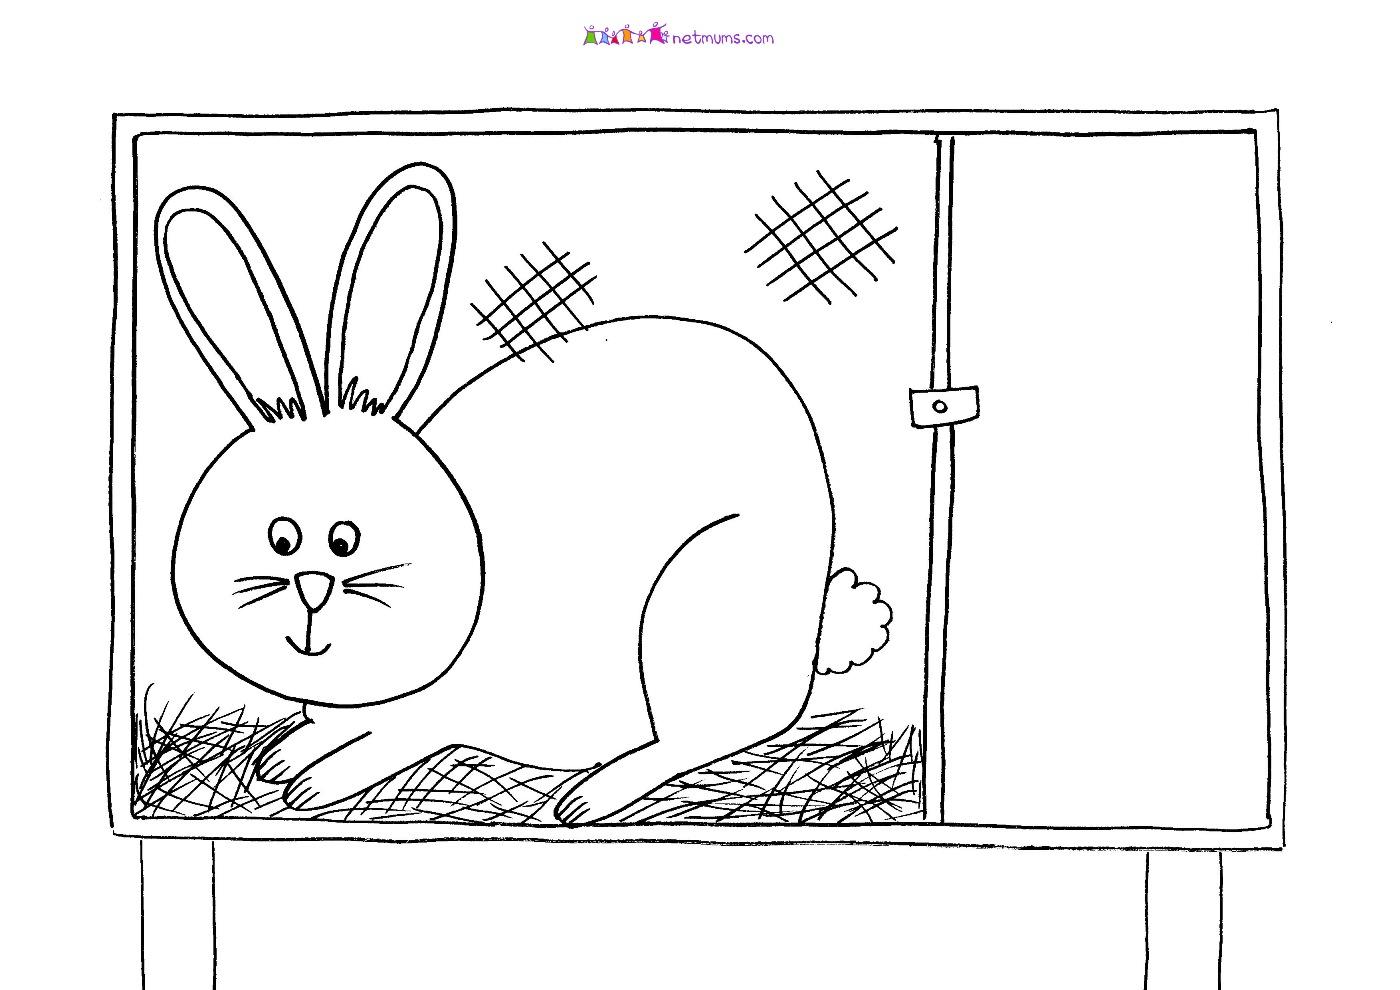 rabbit hutch rabbit pictures to print amp colour netmums